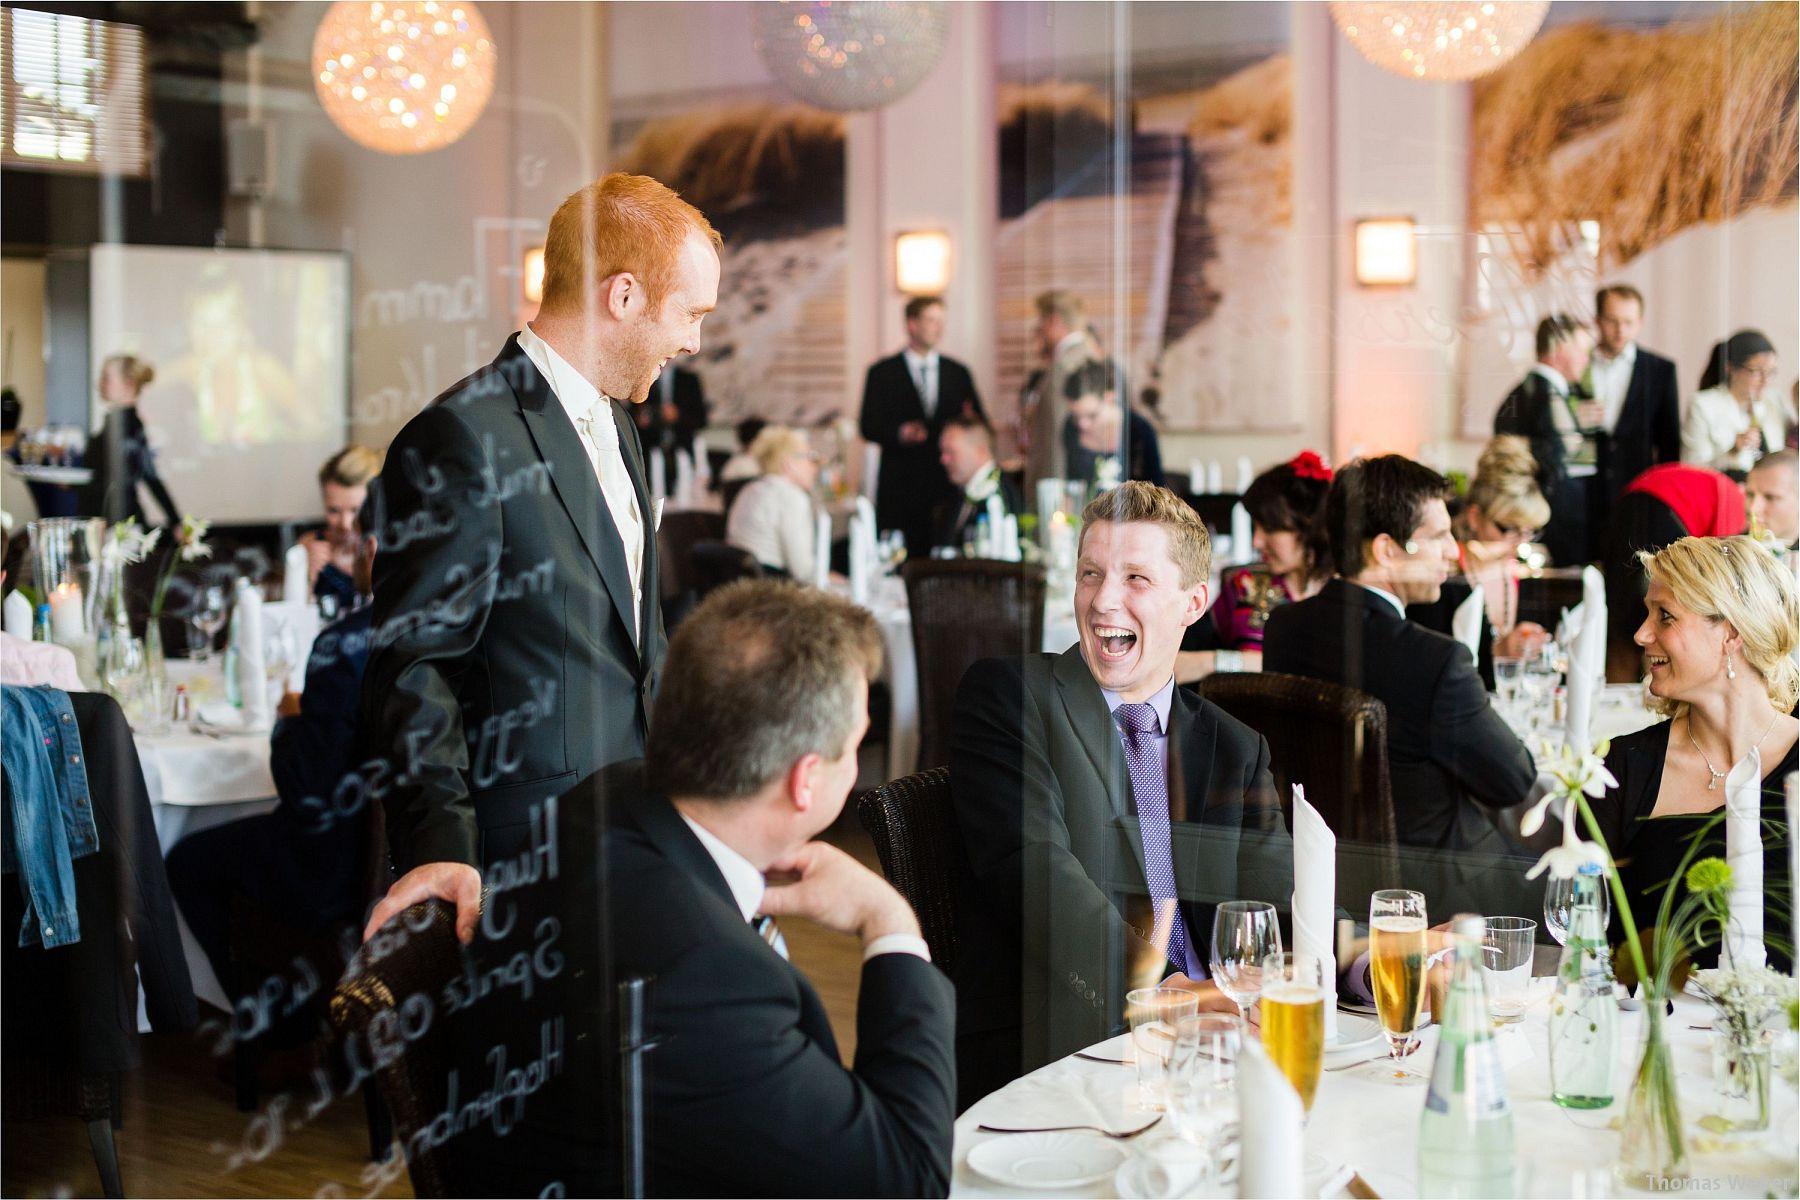 Hochzeitsfotograf Papenburg: Standesamtliche Trauung auf der Burg Kniphausen und Feier im Le Patron am Meer (66)